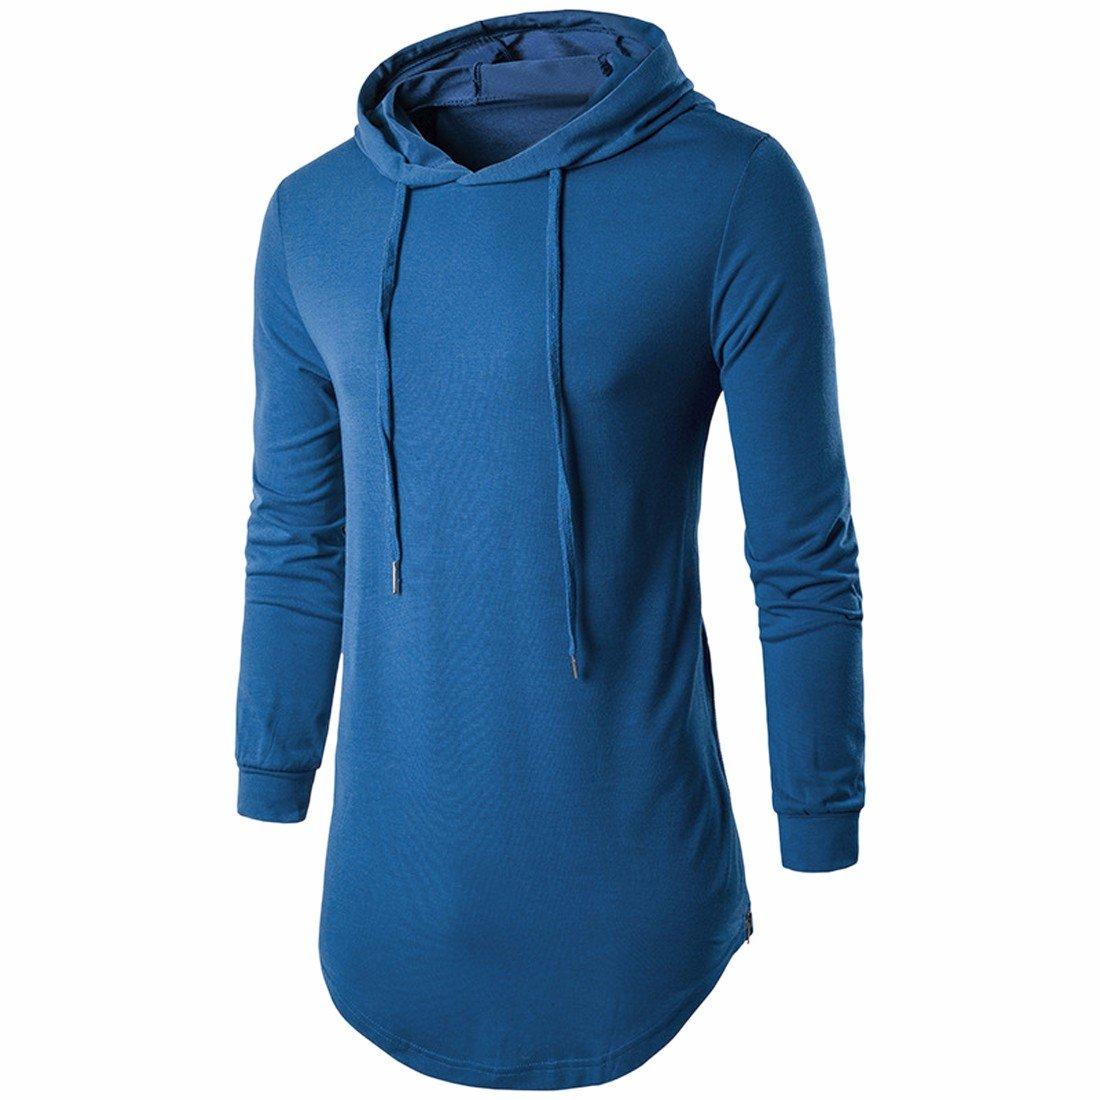 Paixpays Mens Pullover Hooded Sweatshirt Drawstring Hoodie Long Sleeve